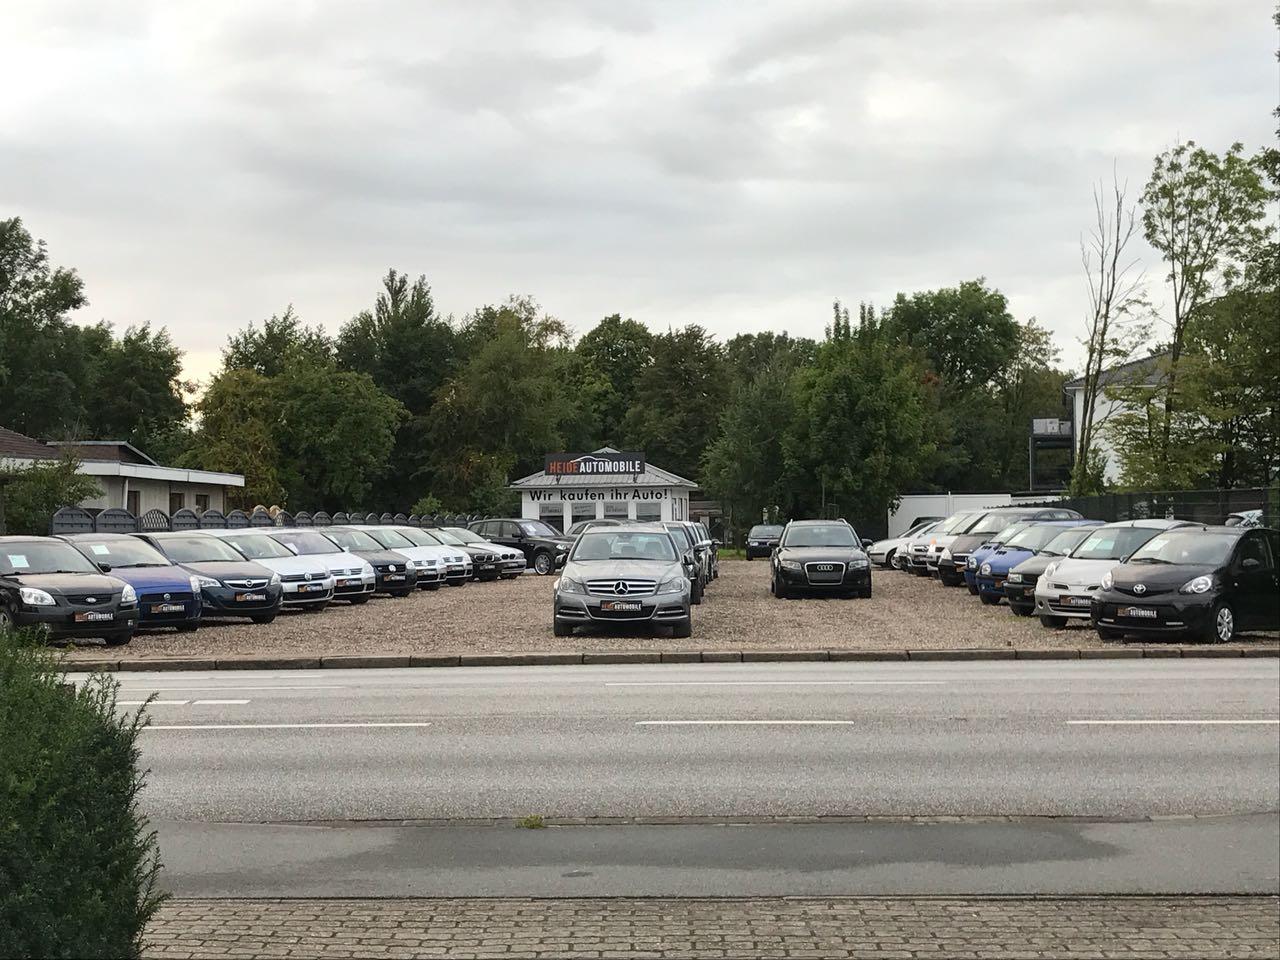 Heide Automobile - Gebrauchtwagenhändler in Heide